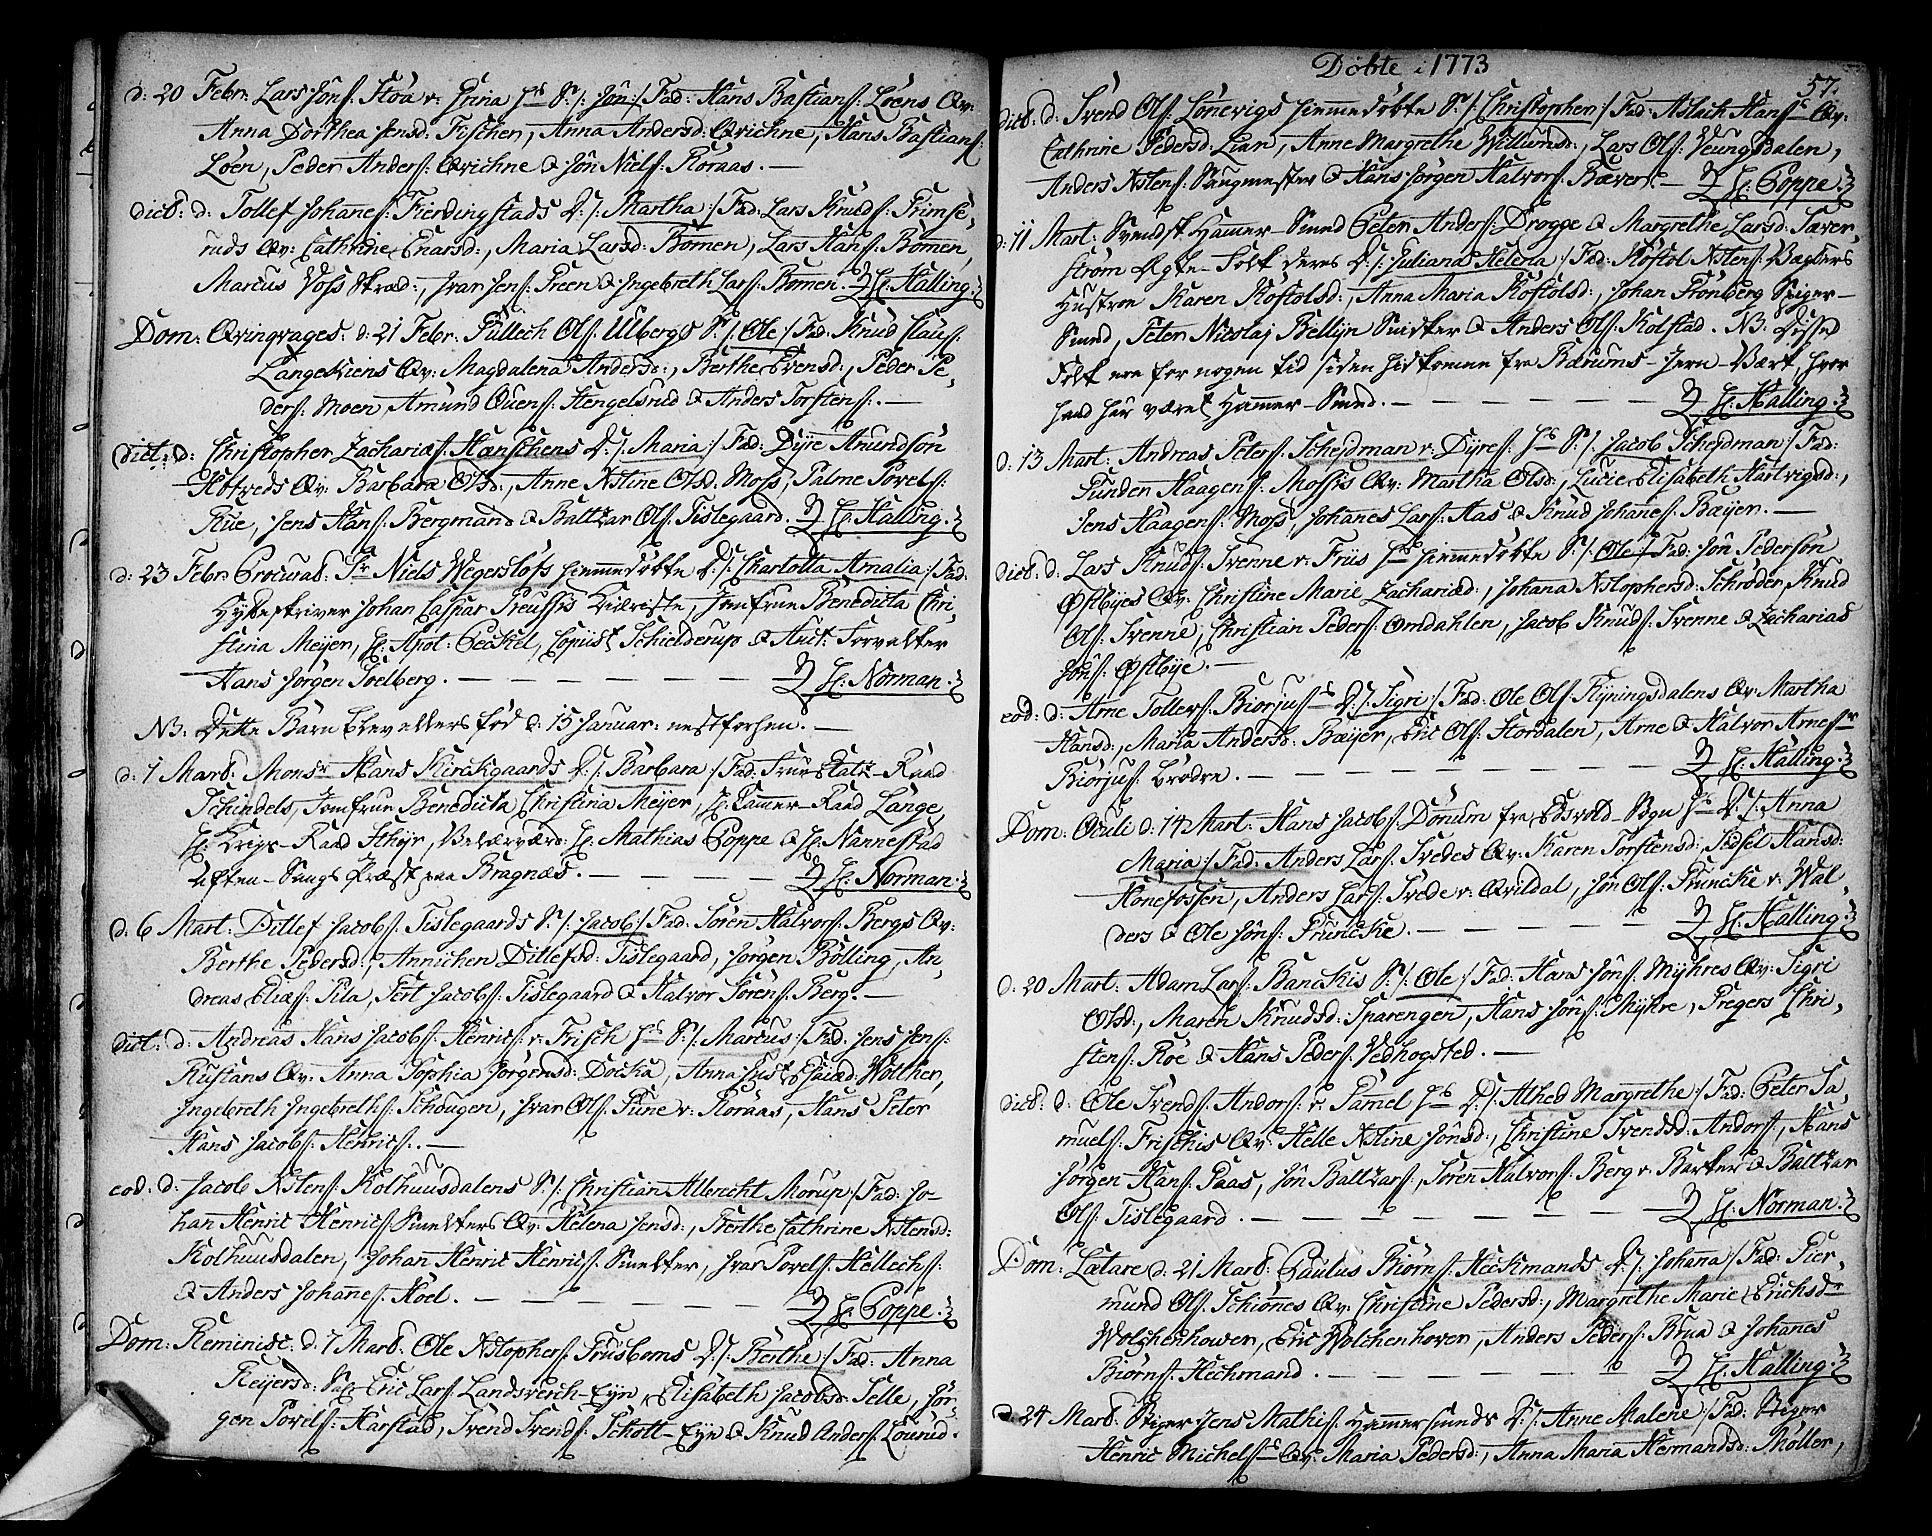 SAKO, Kongsberg kirkebøker, F/Fa/L0005: Ministerialbok nr. I 5, 1769-1782, s. 57